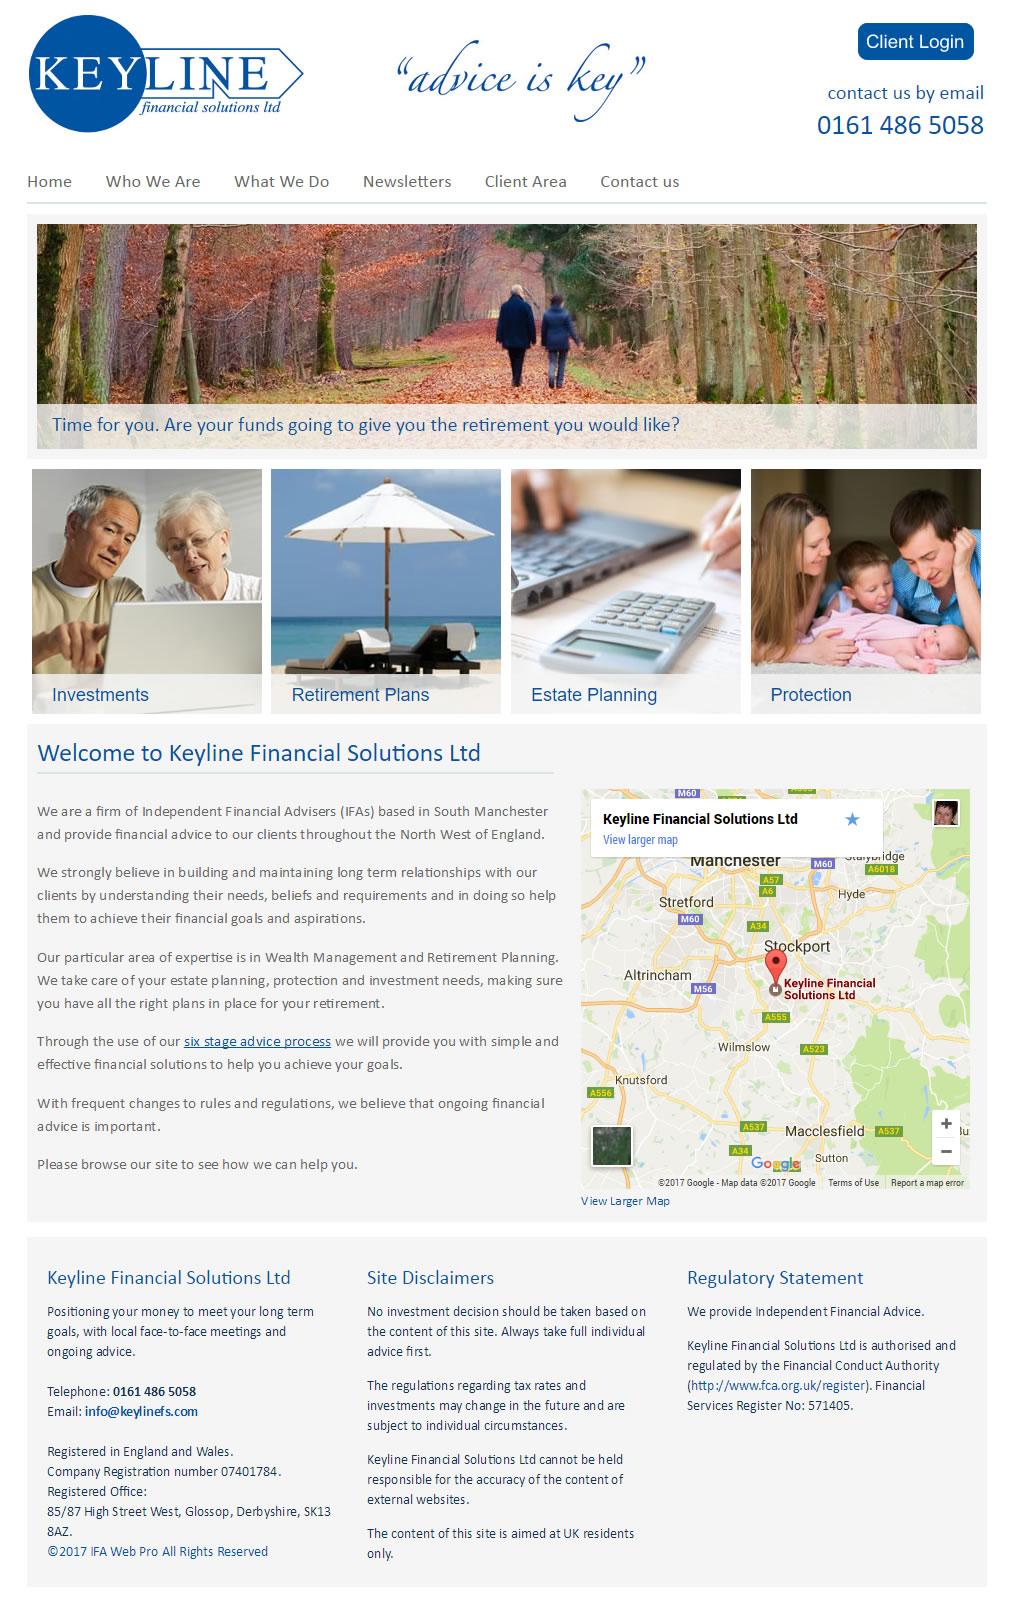 IFA Website Design | Keyline Financial